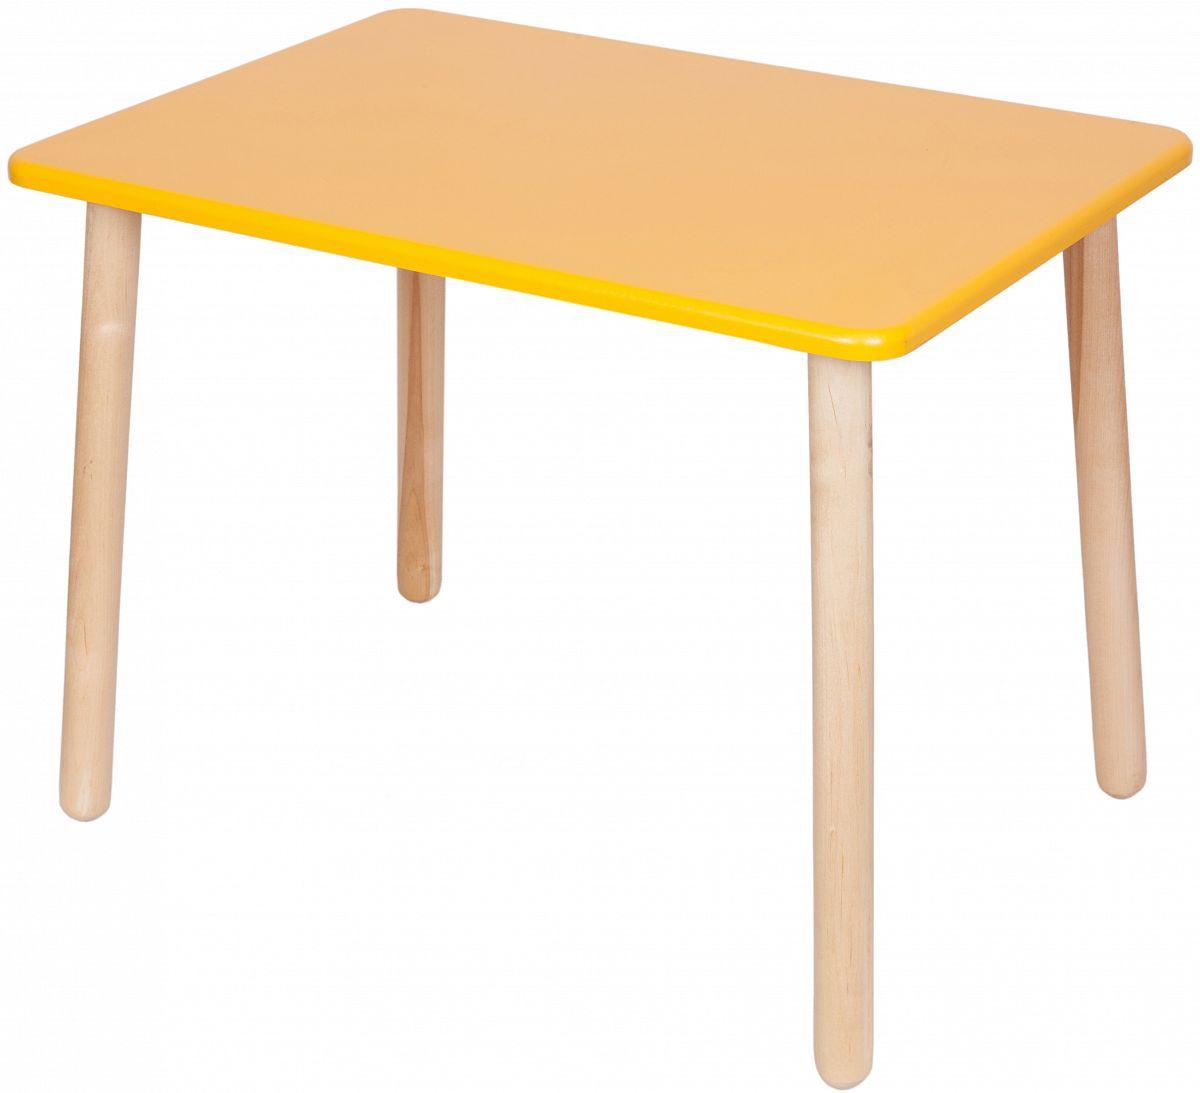 Картинки на обеденный стол в детском саду